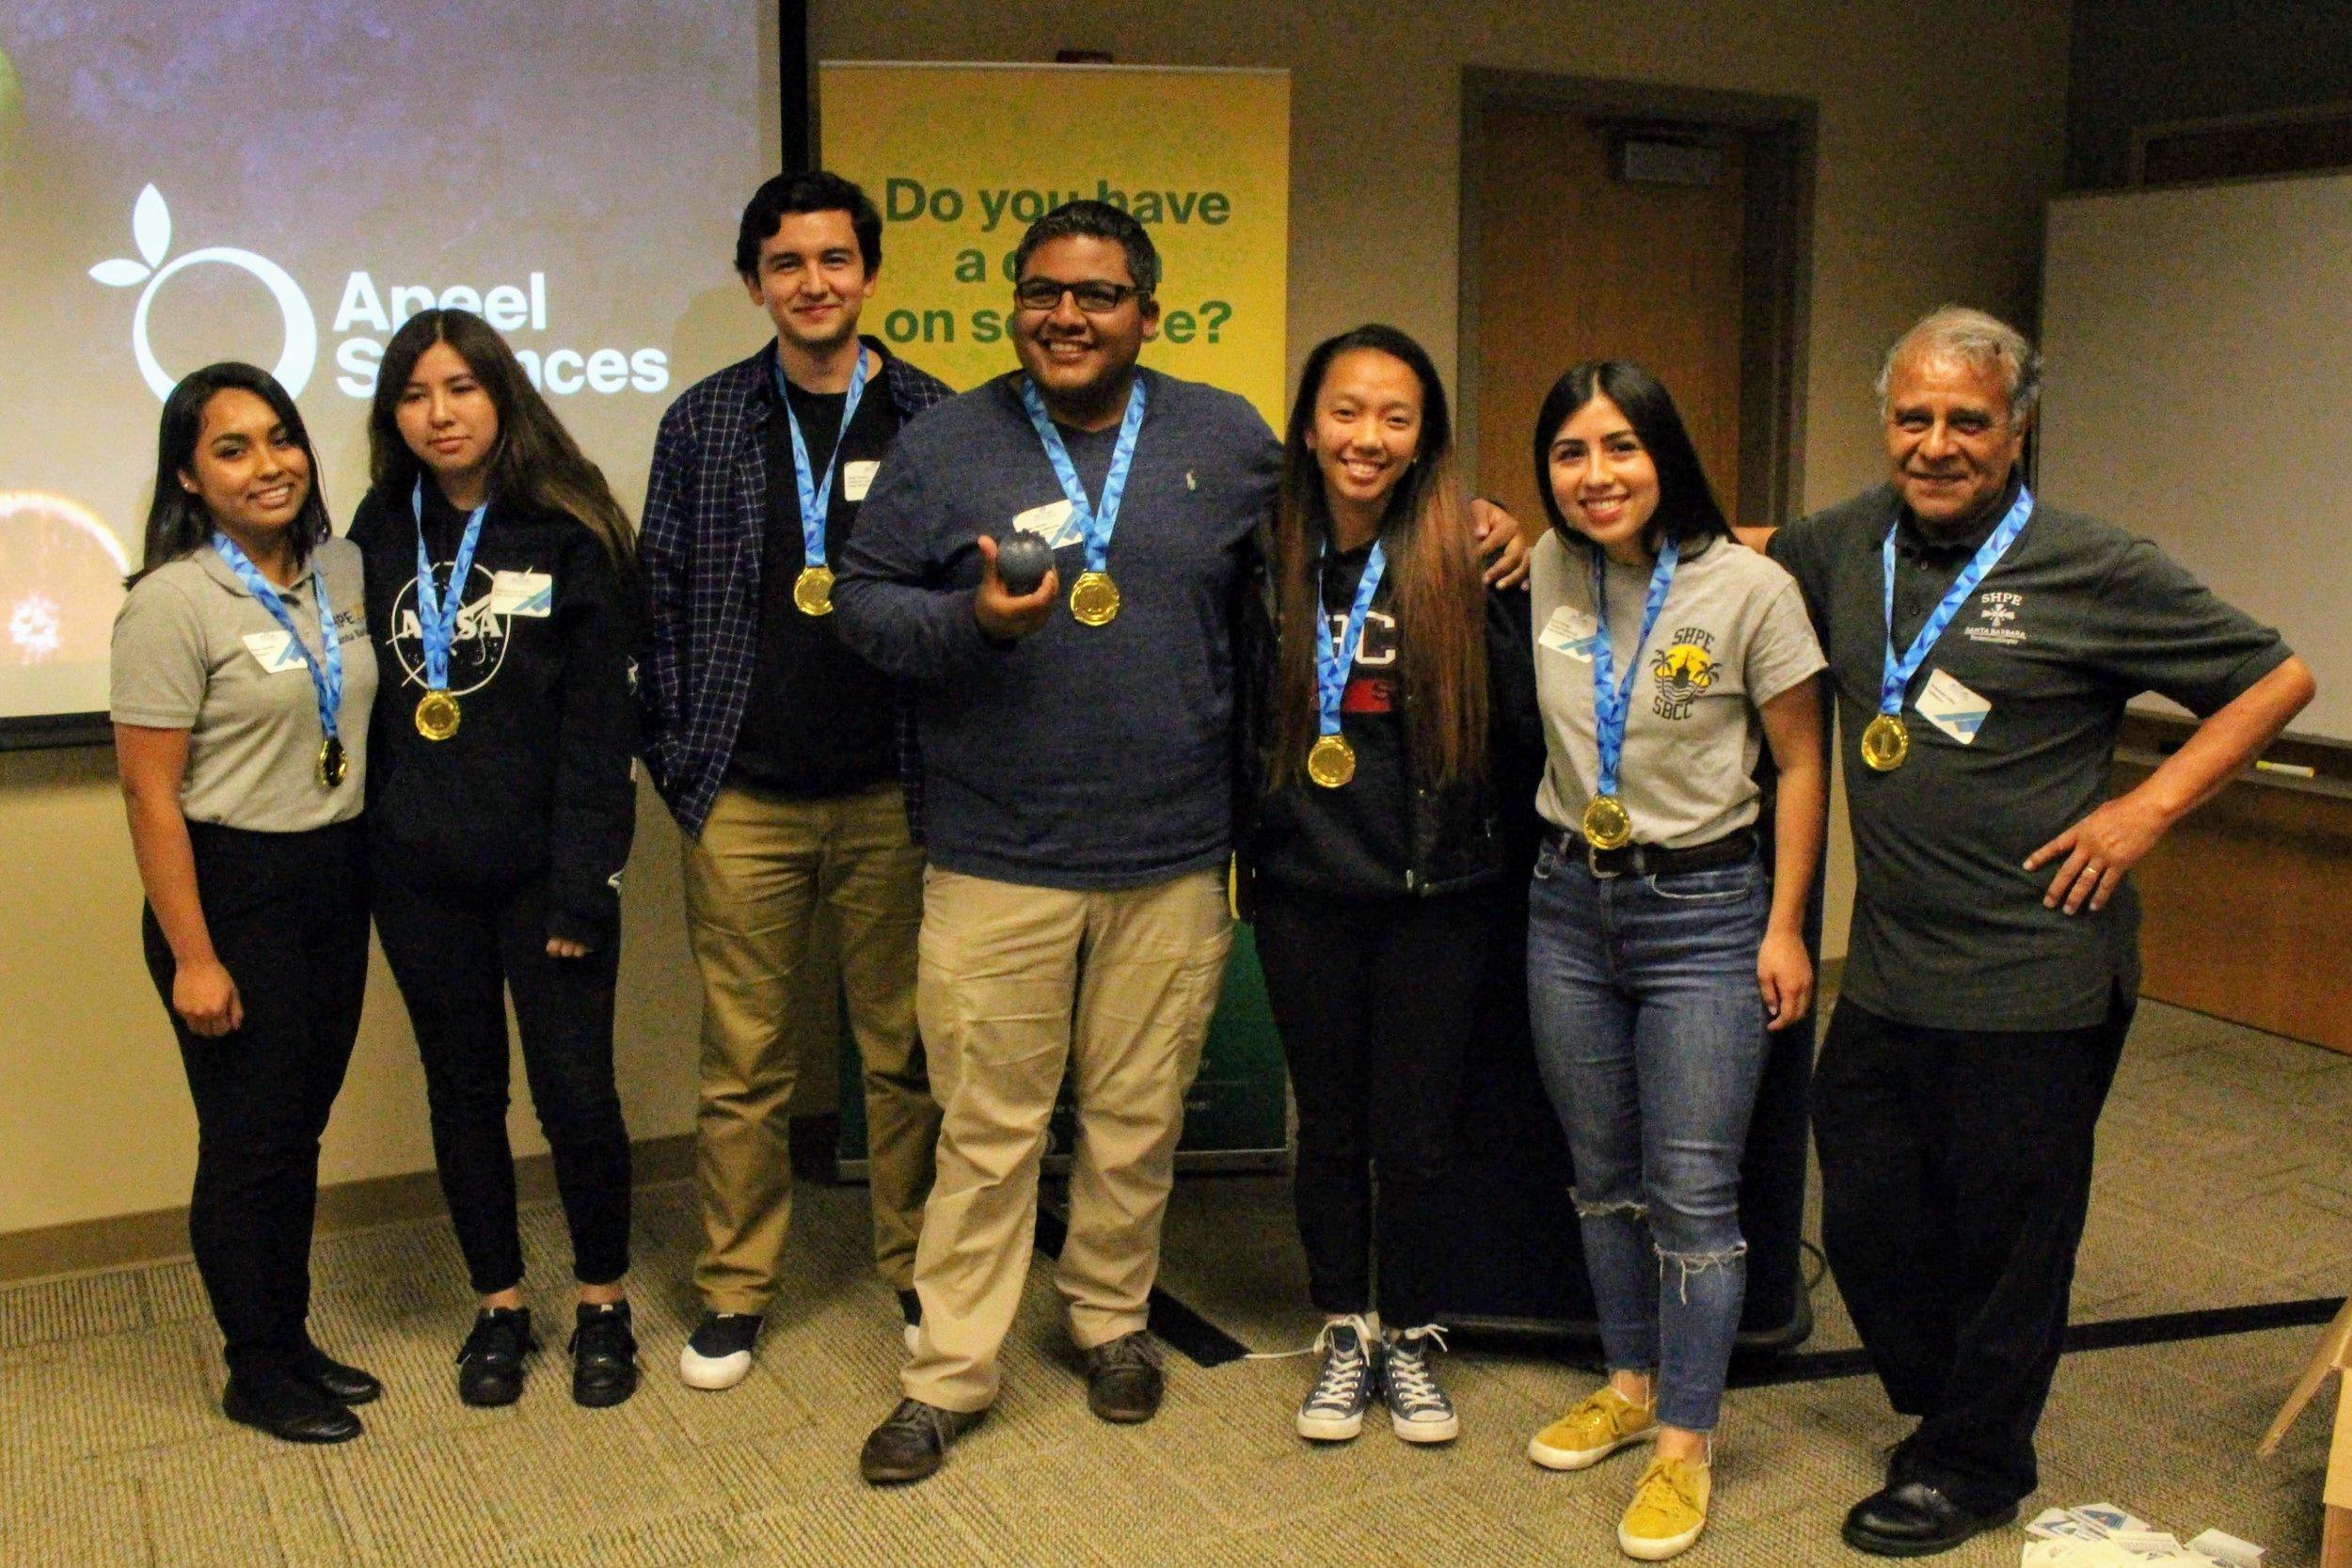 (Left to Right) [Reyna Sanchez - Mentor], Stephanie Echeverria, Diego Ramirez, Rodrigo Gonzalez, Mary Grace Sy, Karina Portugal, [Armando Veloz - Mentor]